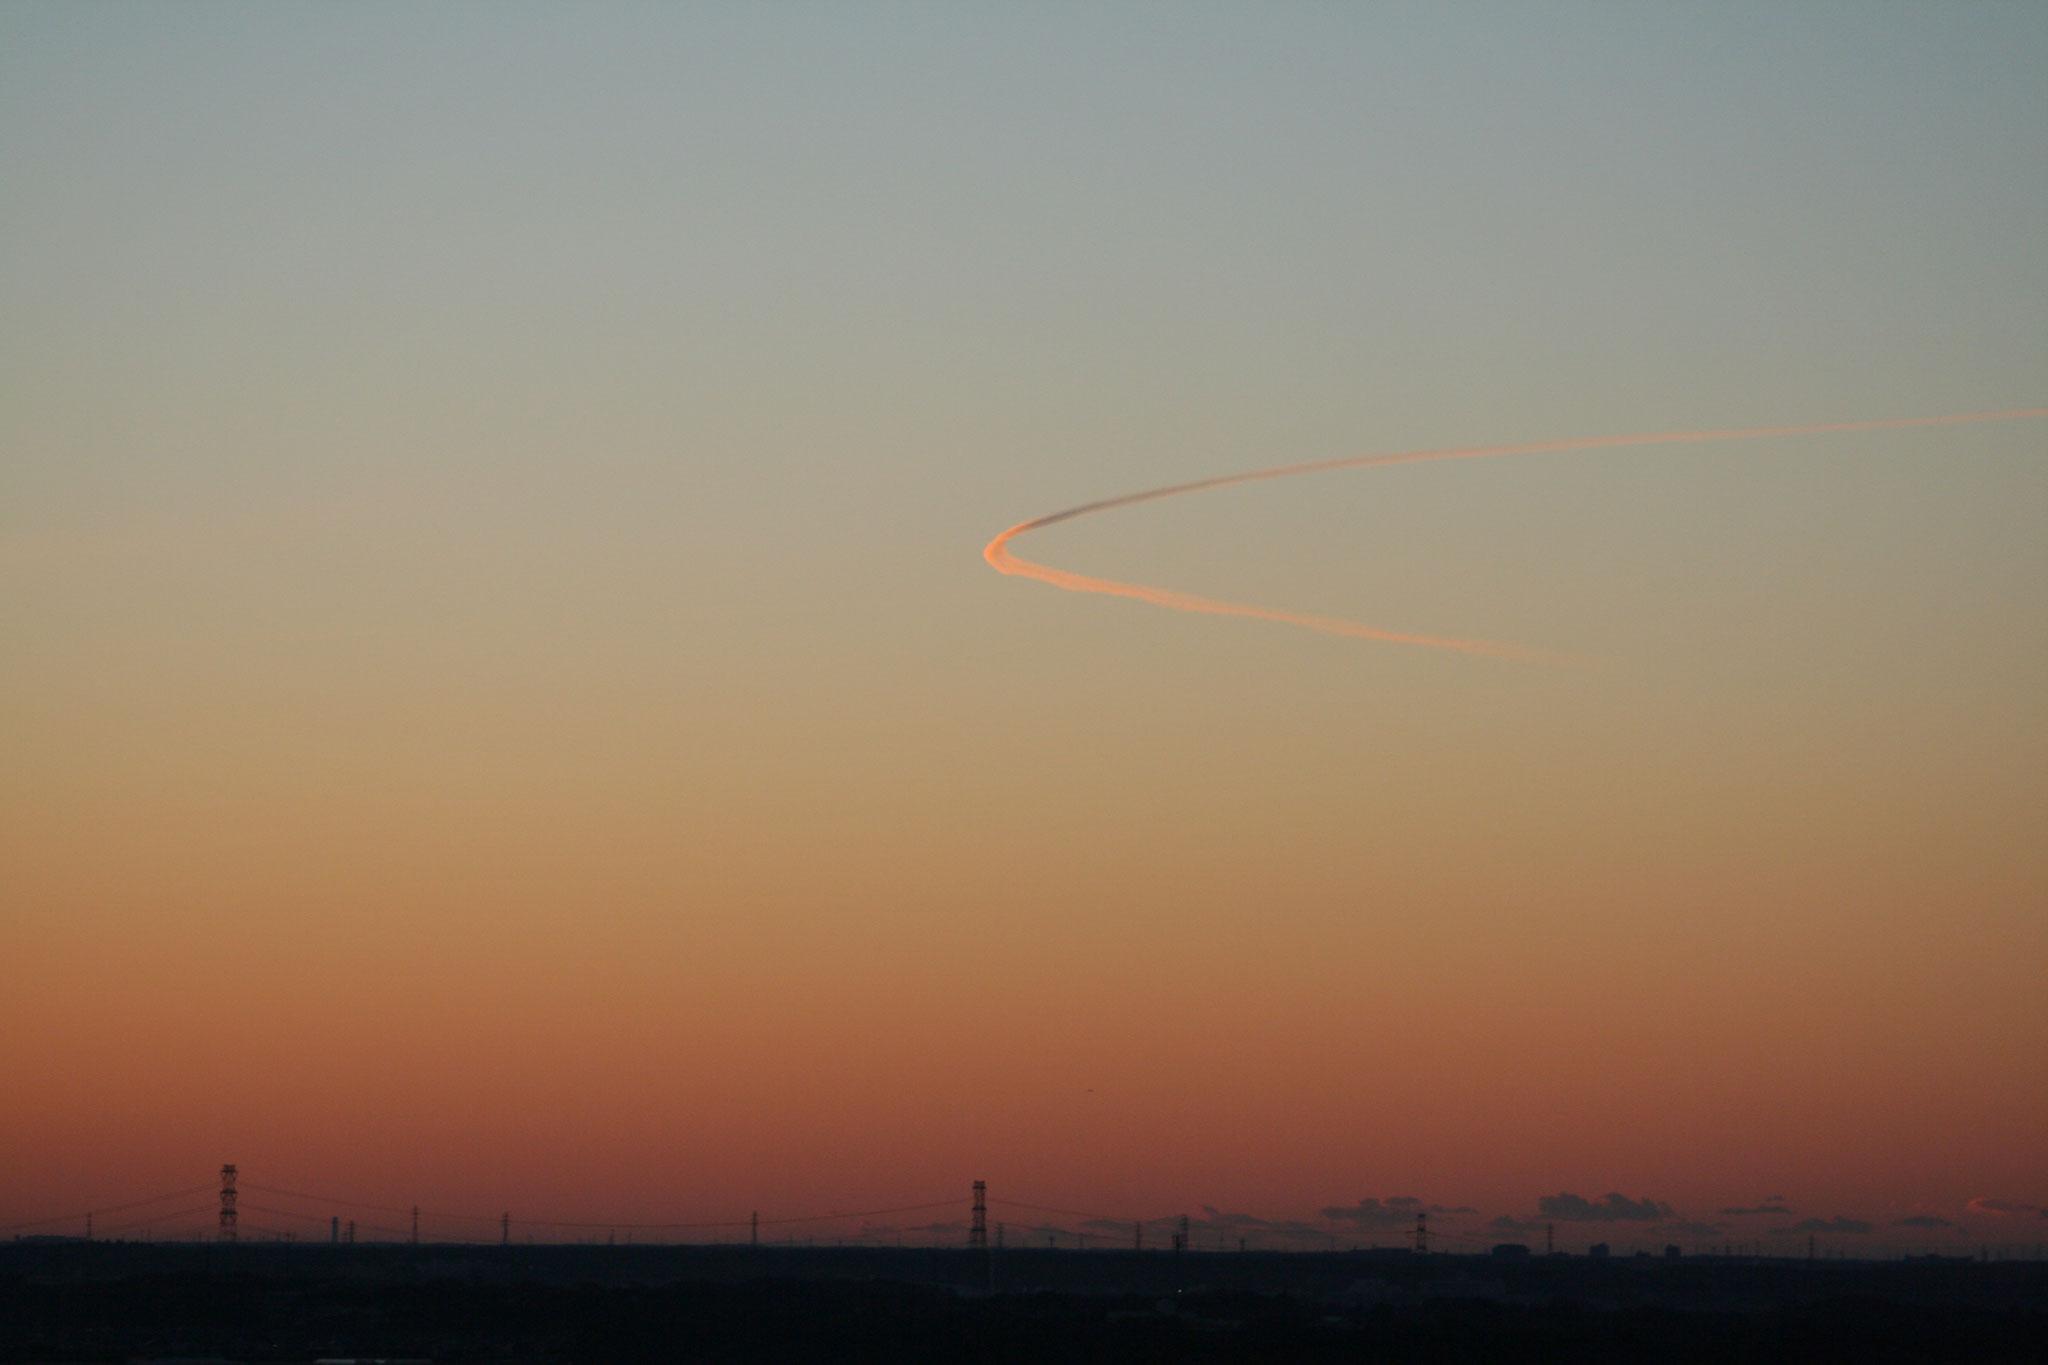 夜明けの飛行機雲